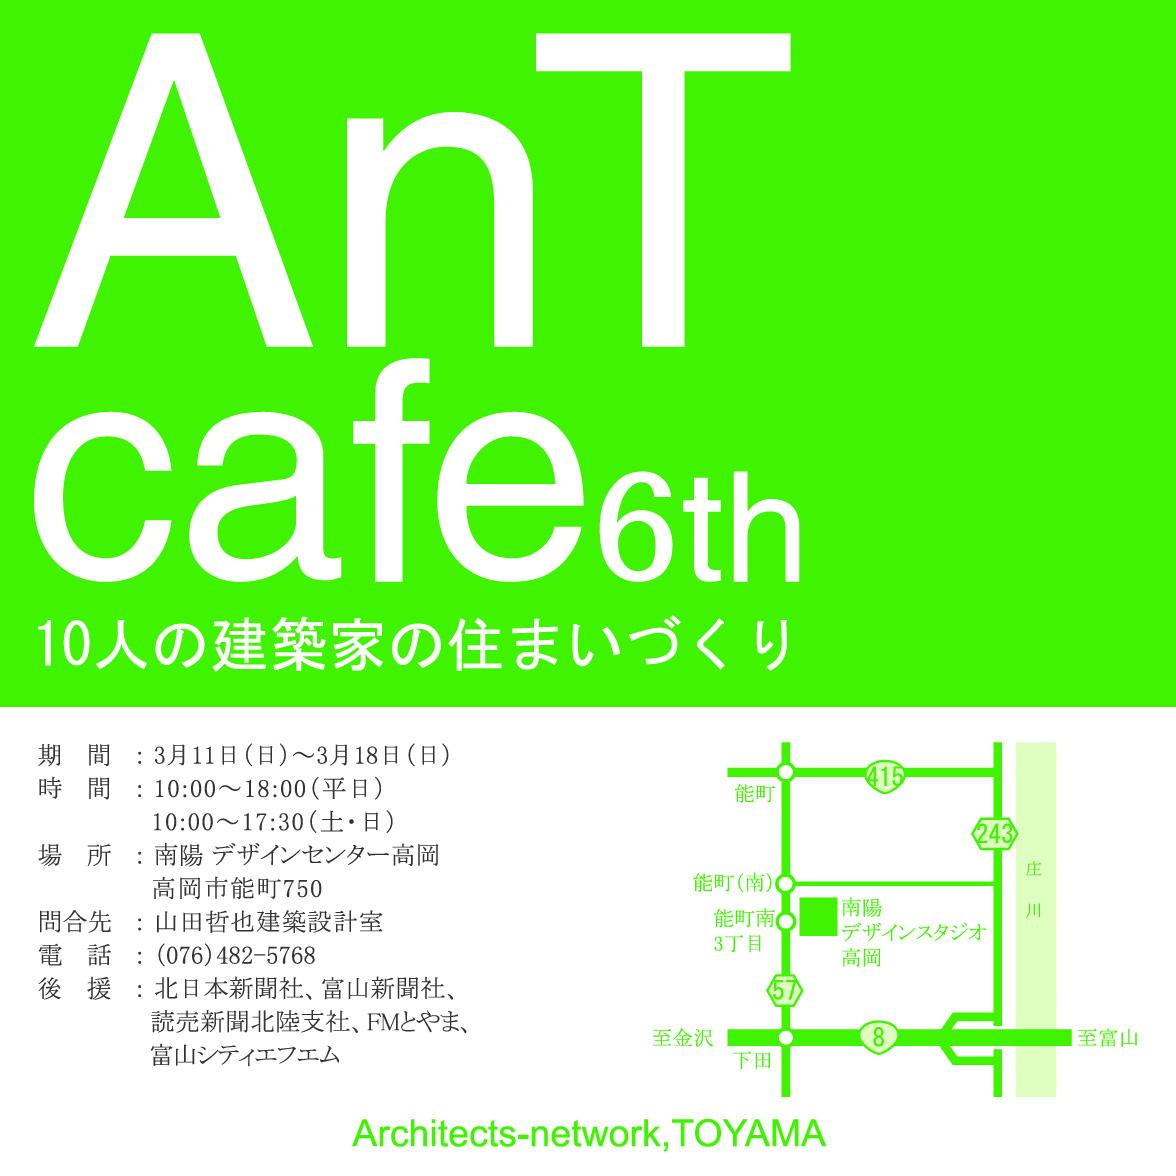 「AnT Cafe 6th」-明日の住まい 2011から- _e0189939_23421811.jpg